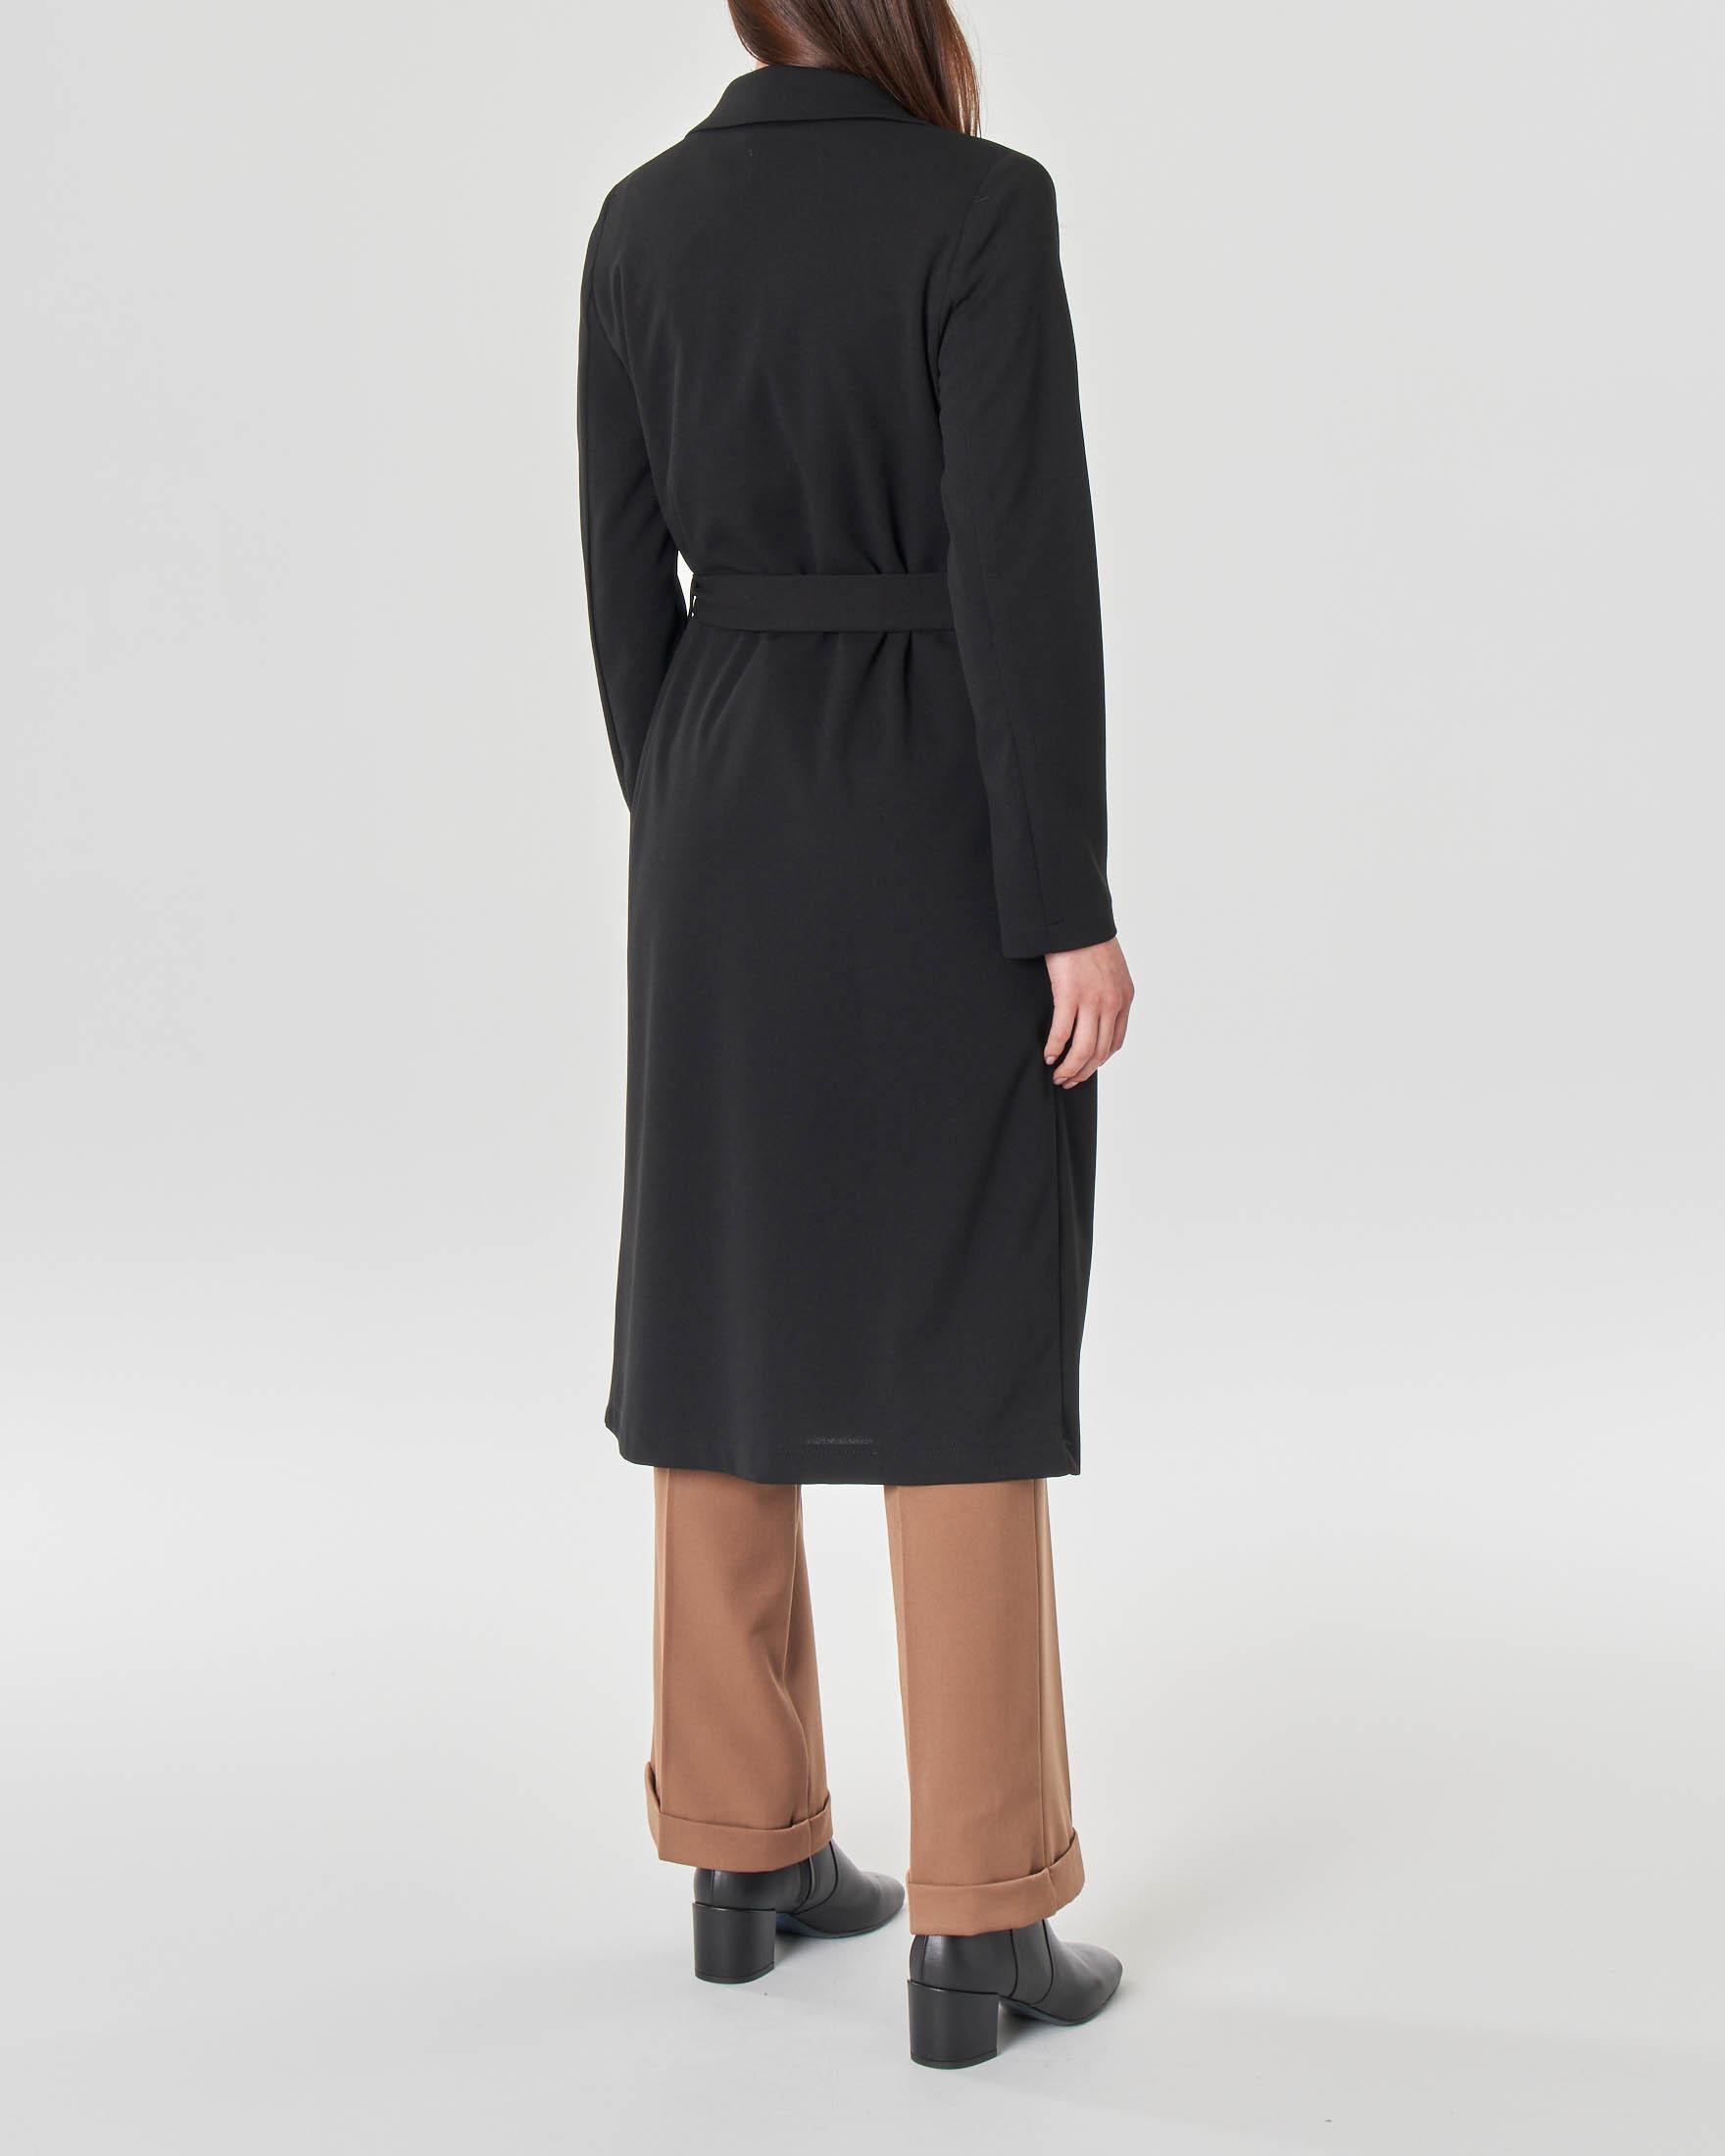 Cappottino nero in crêpe sfoderato con cintura in vita e scollo a rever